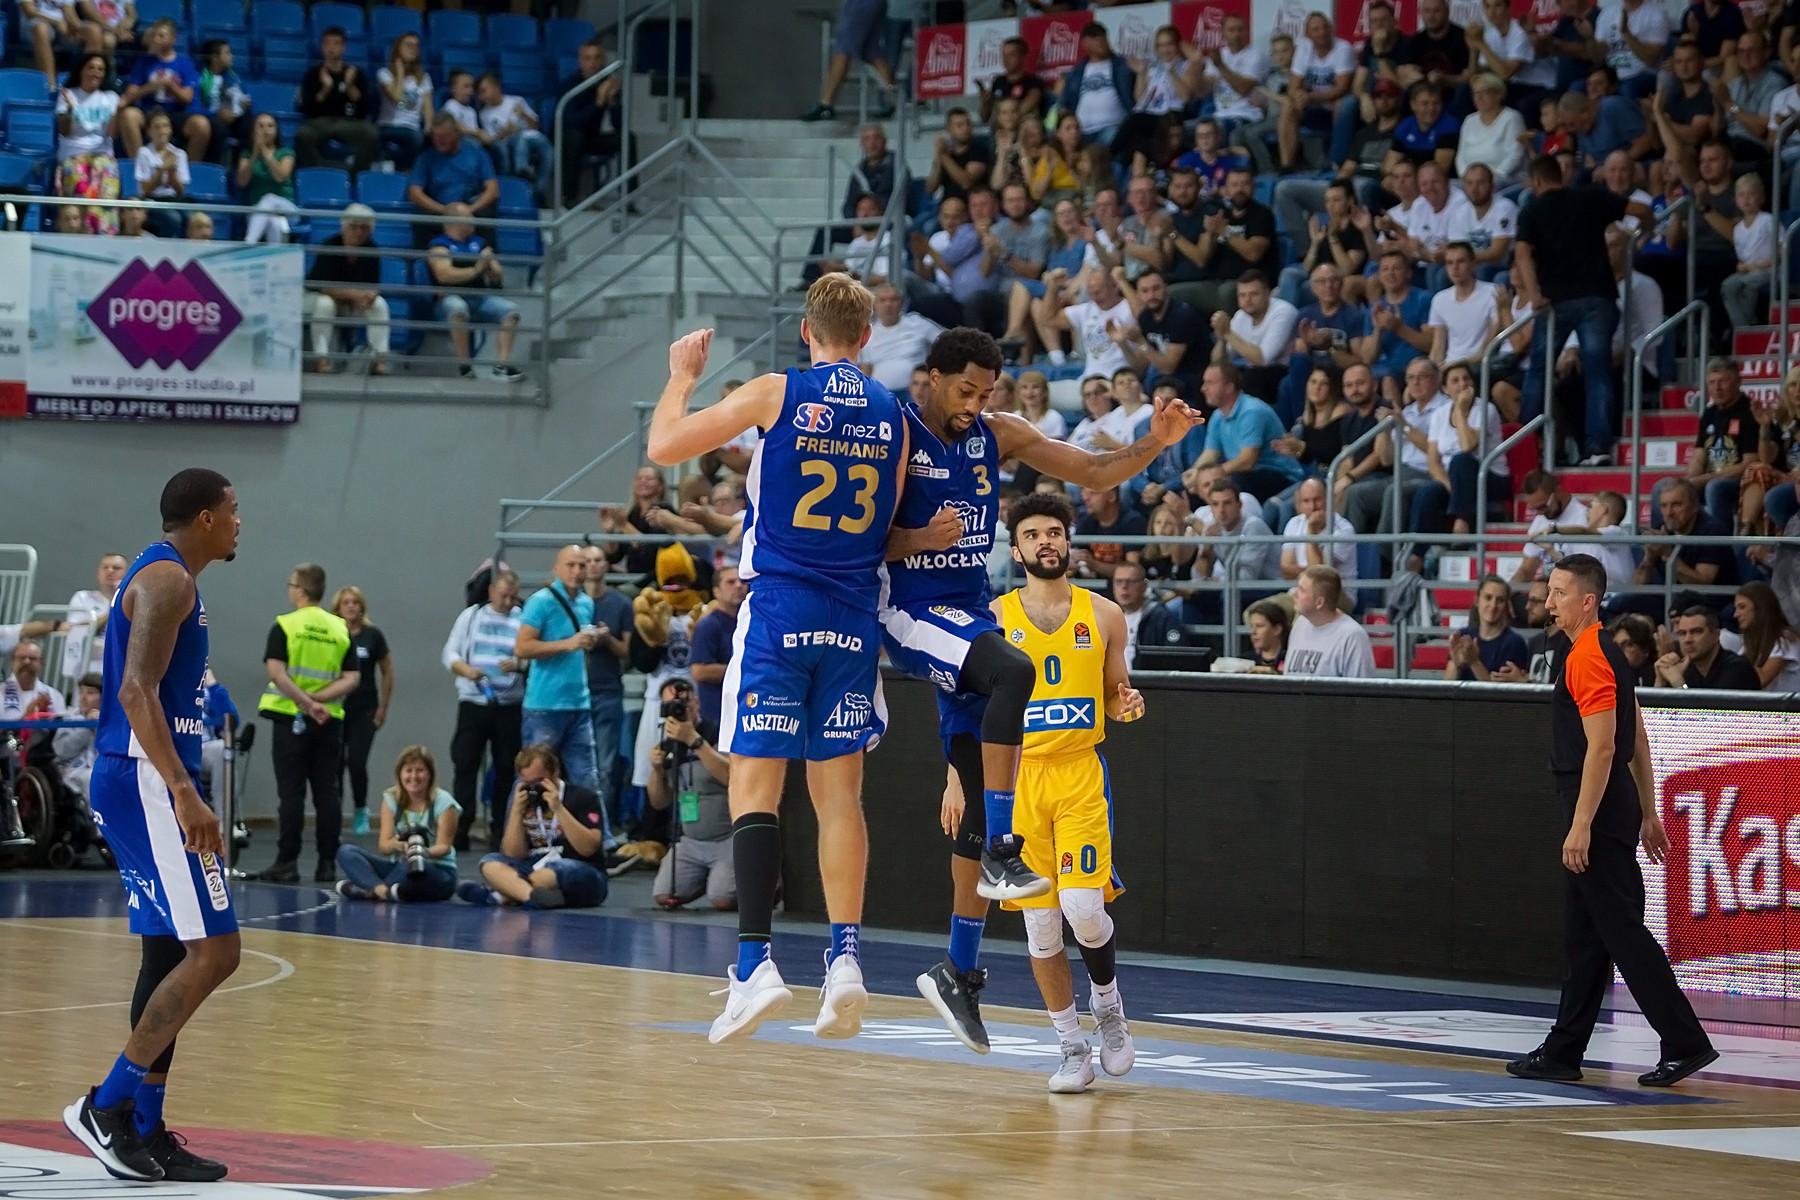 Wielkie Maccabi poskromione przez Anwil!